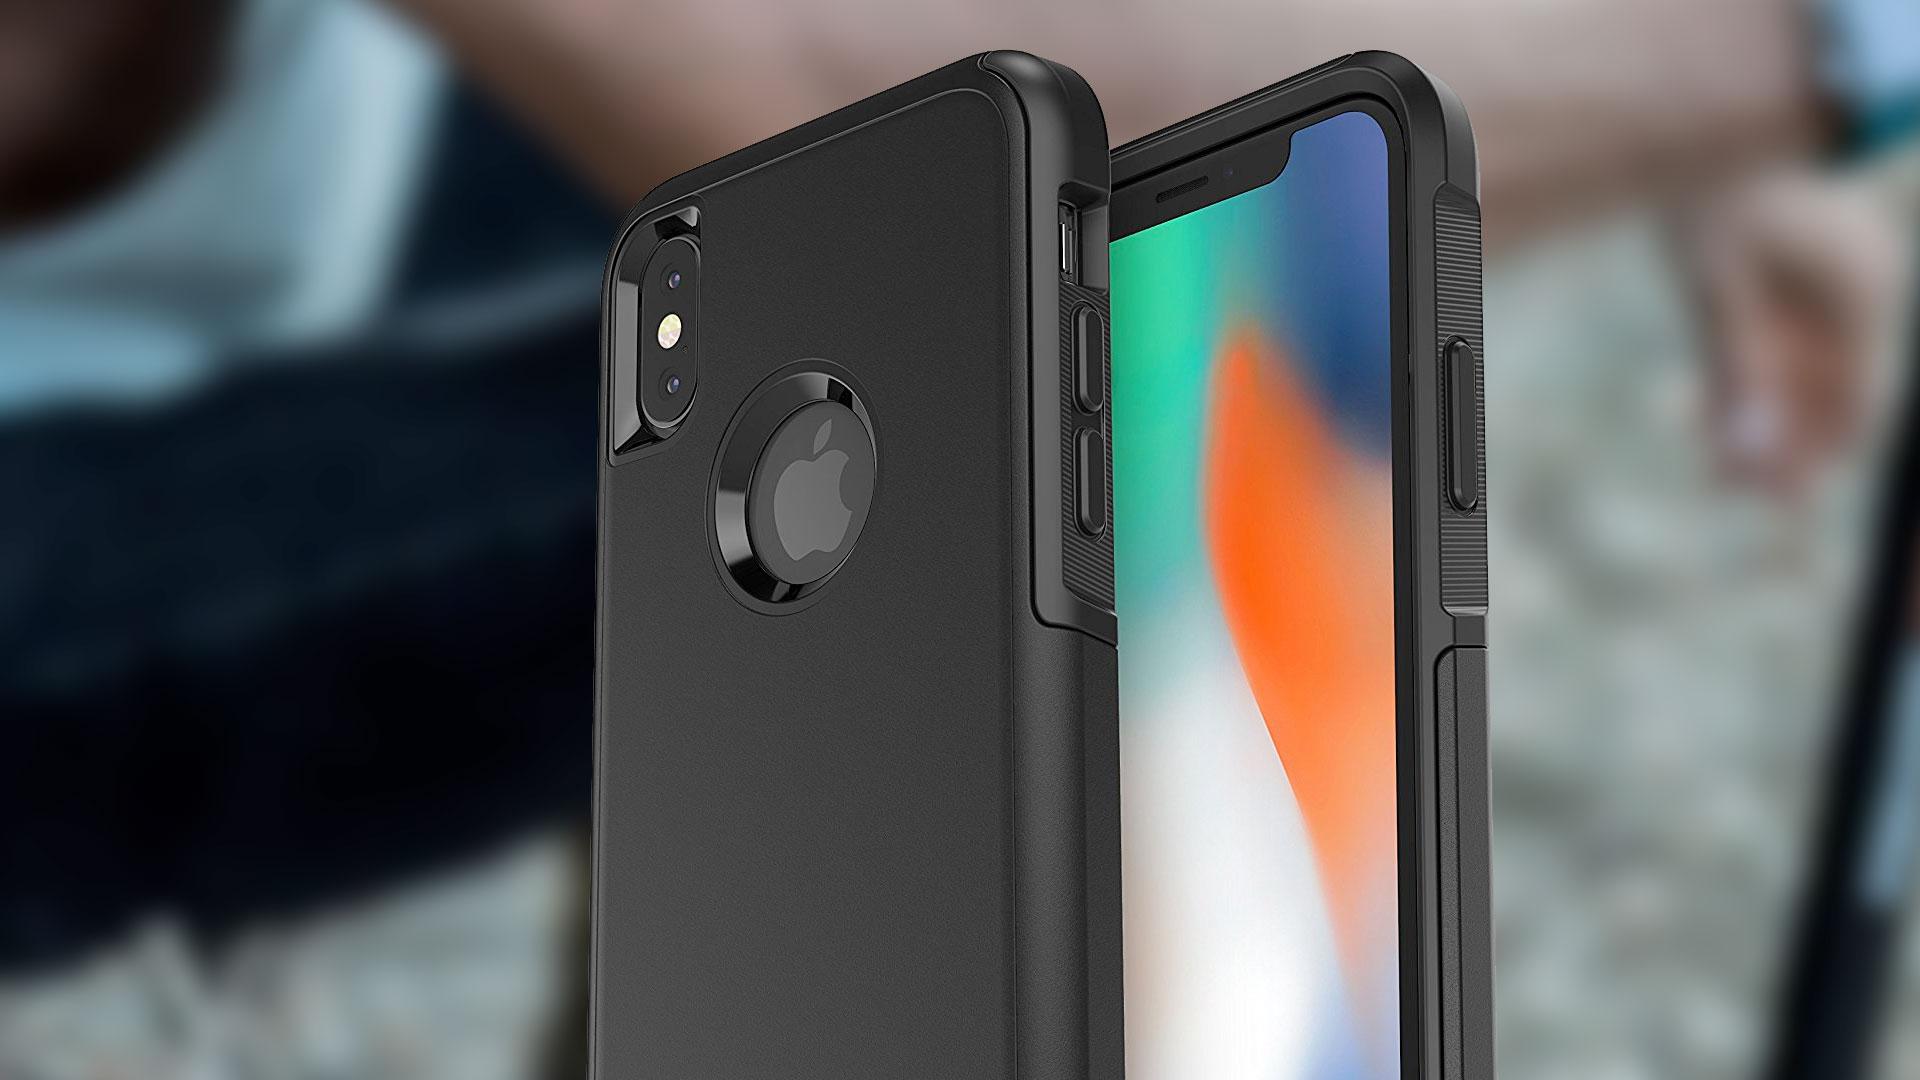 Las mejores fundas para iPhone X en 2019: elige una combinación perfecta para tu iPhone precioso